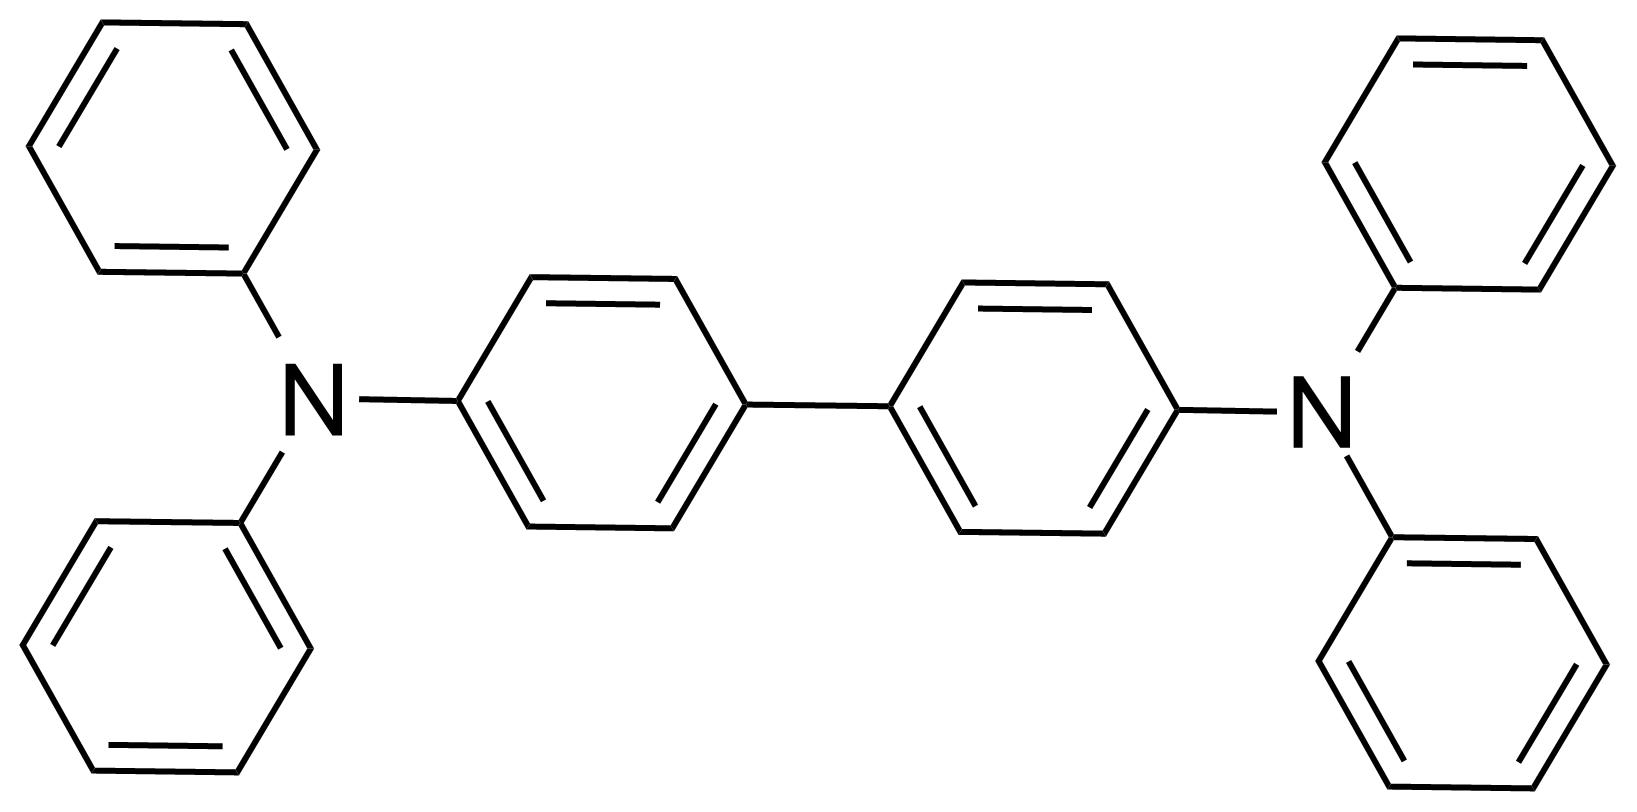 Structure of N,N,N',N'-Tetraphenyl-1,1'-biphenyl-4,4'-diamine